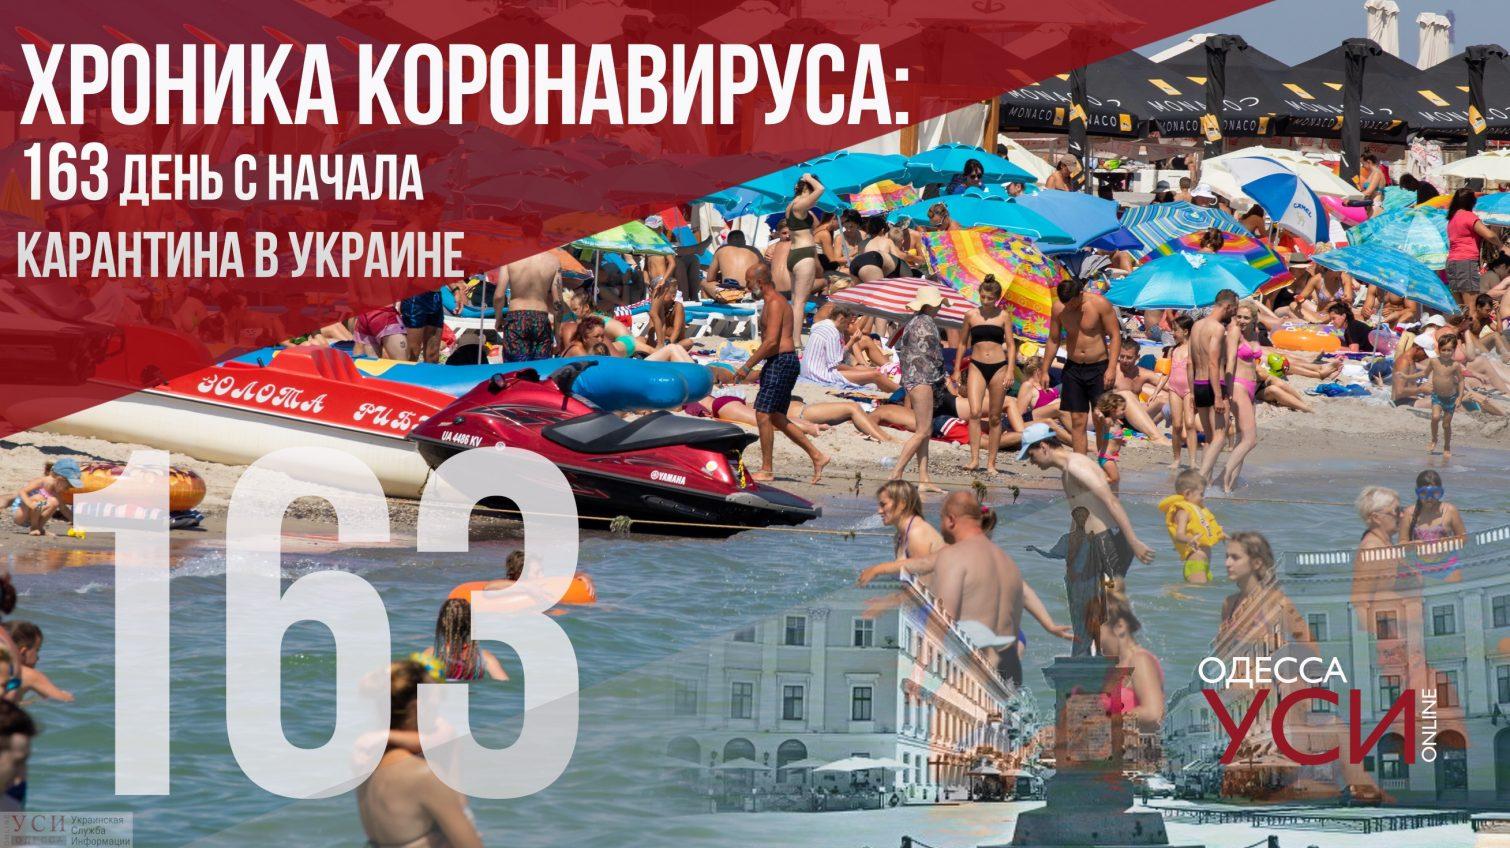 Хроника коронавируса: очередной антирекорд в Одесской области на 163 день со дня начала карантина «фото»